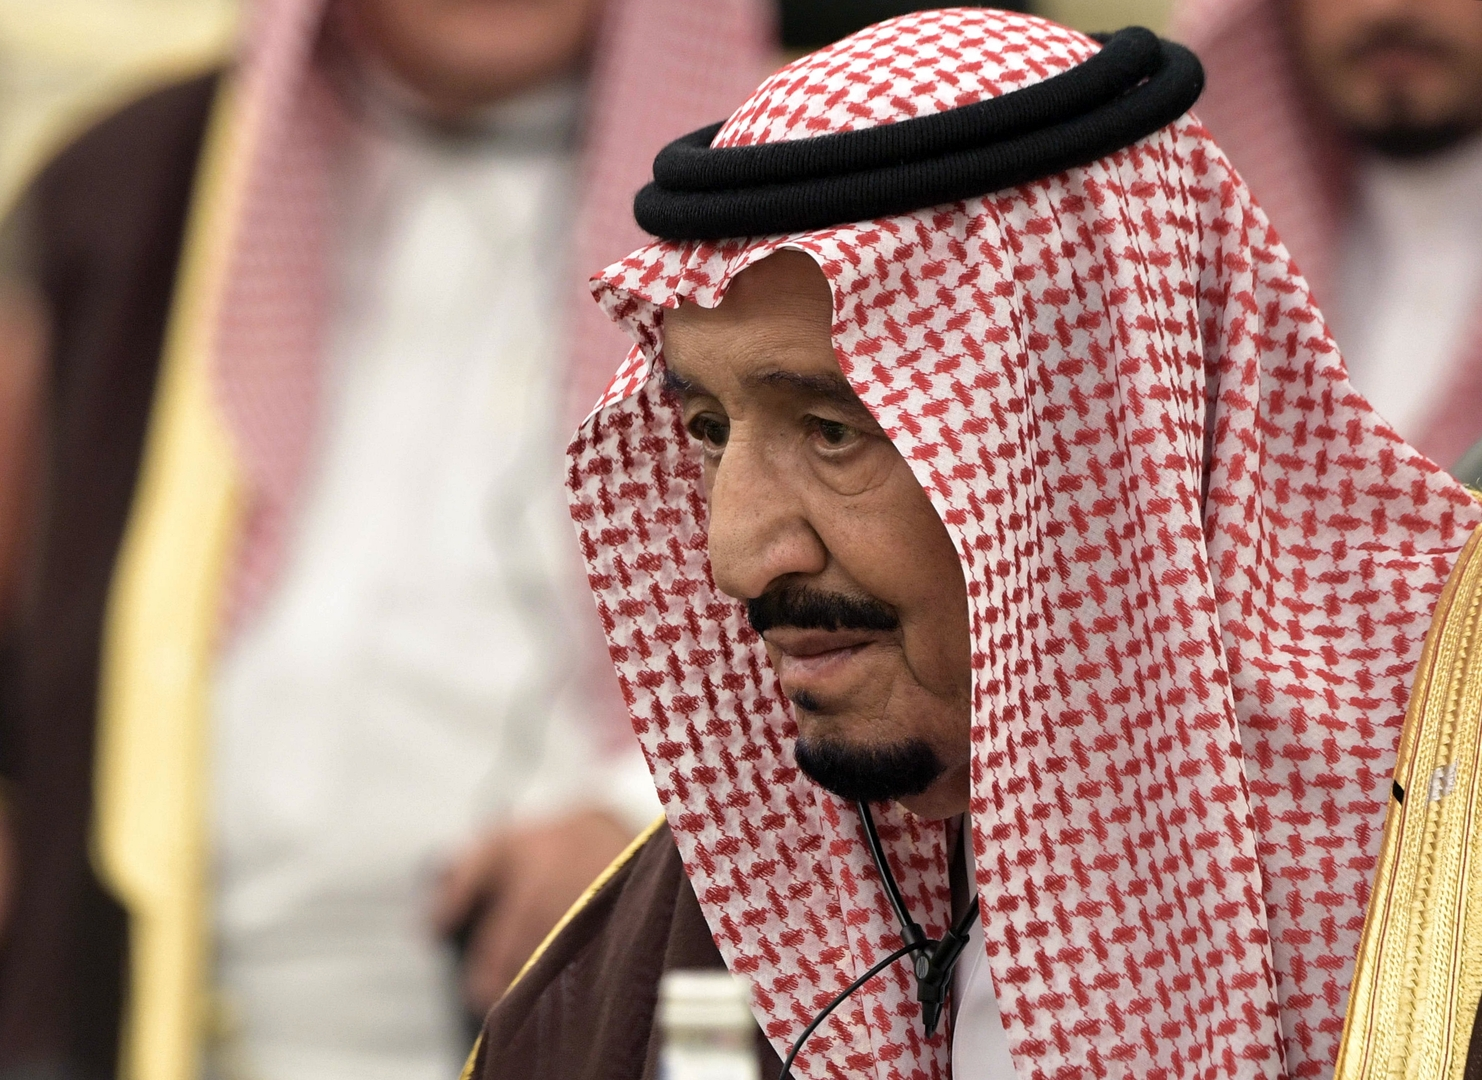 من ضمنها إنشاء هيئة جديدة ونظام حماية البيانات الشخصية.. قرارات جديدة لمجلس الوزراء السعودي